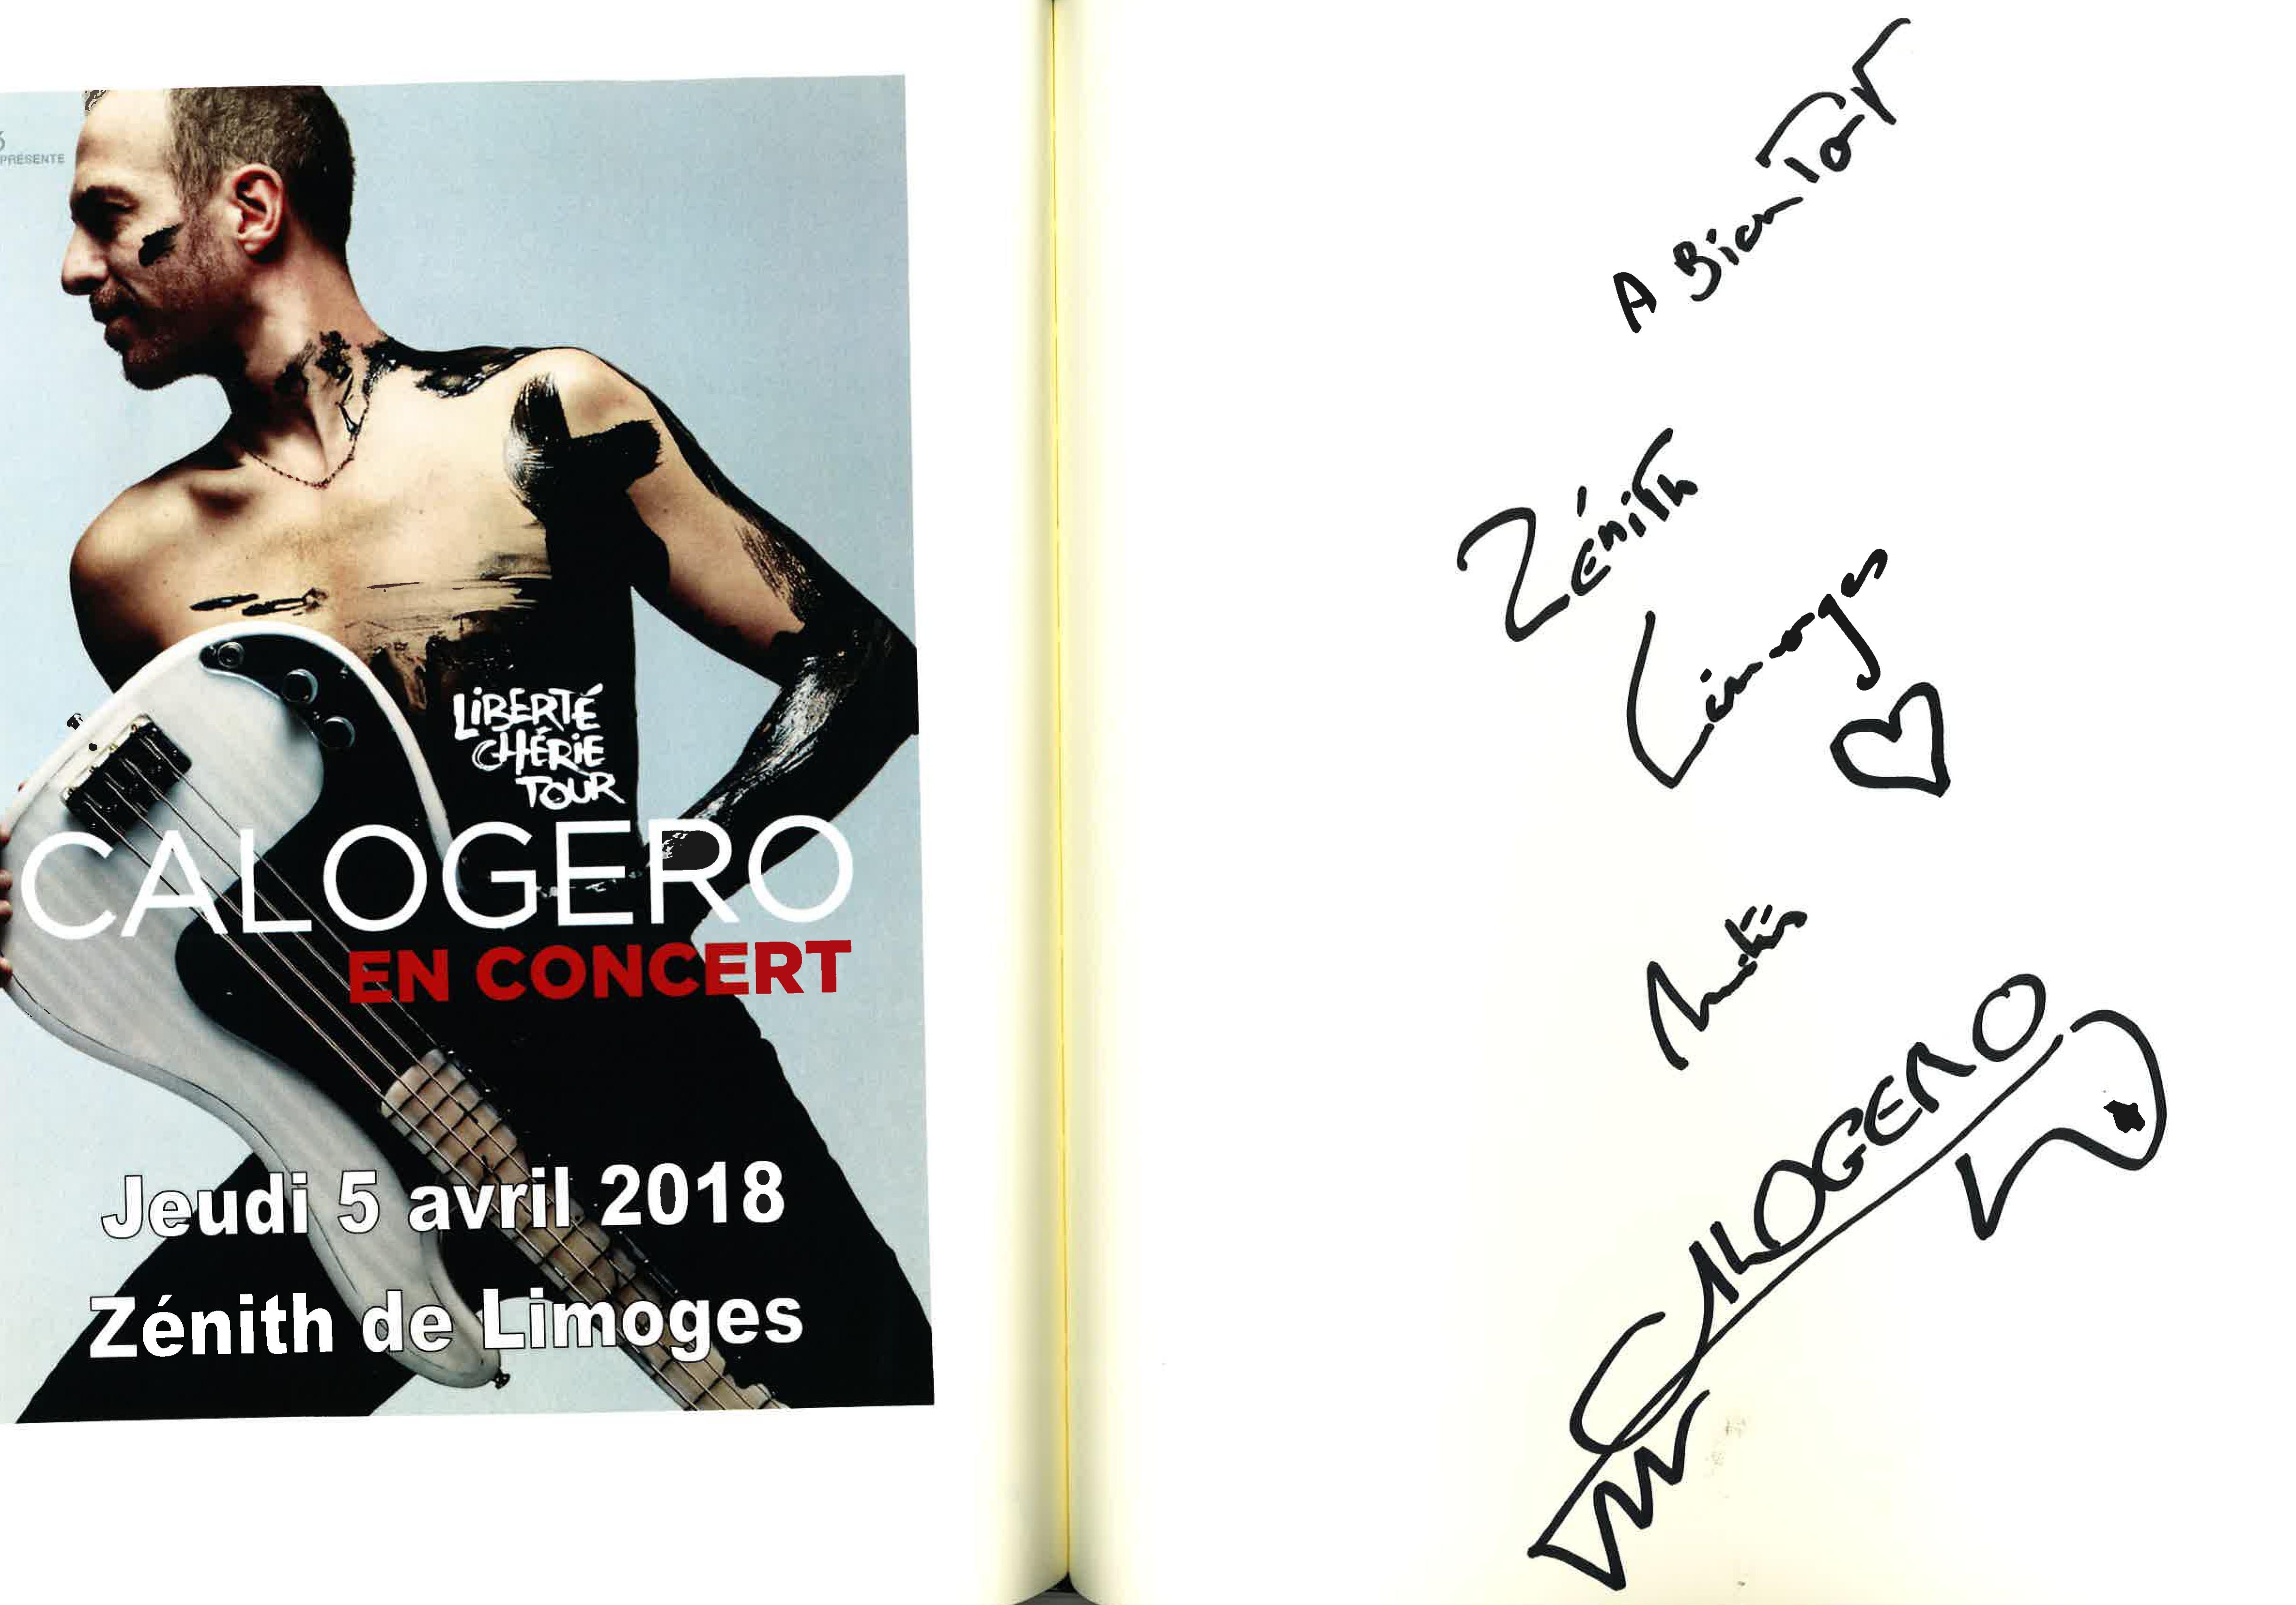 Signature Livre d'or Zénith Limoges 05.04.2018